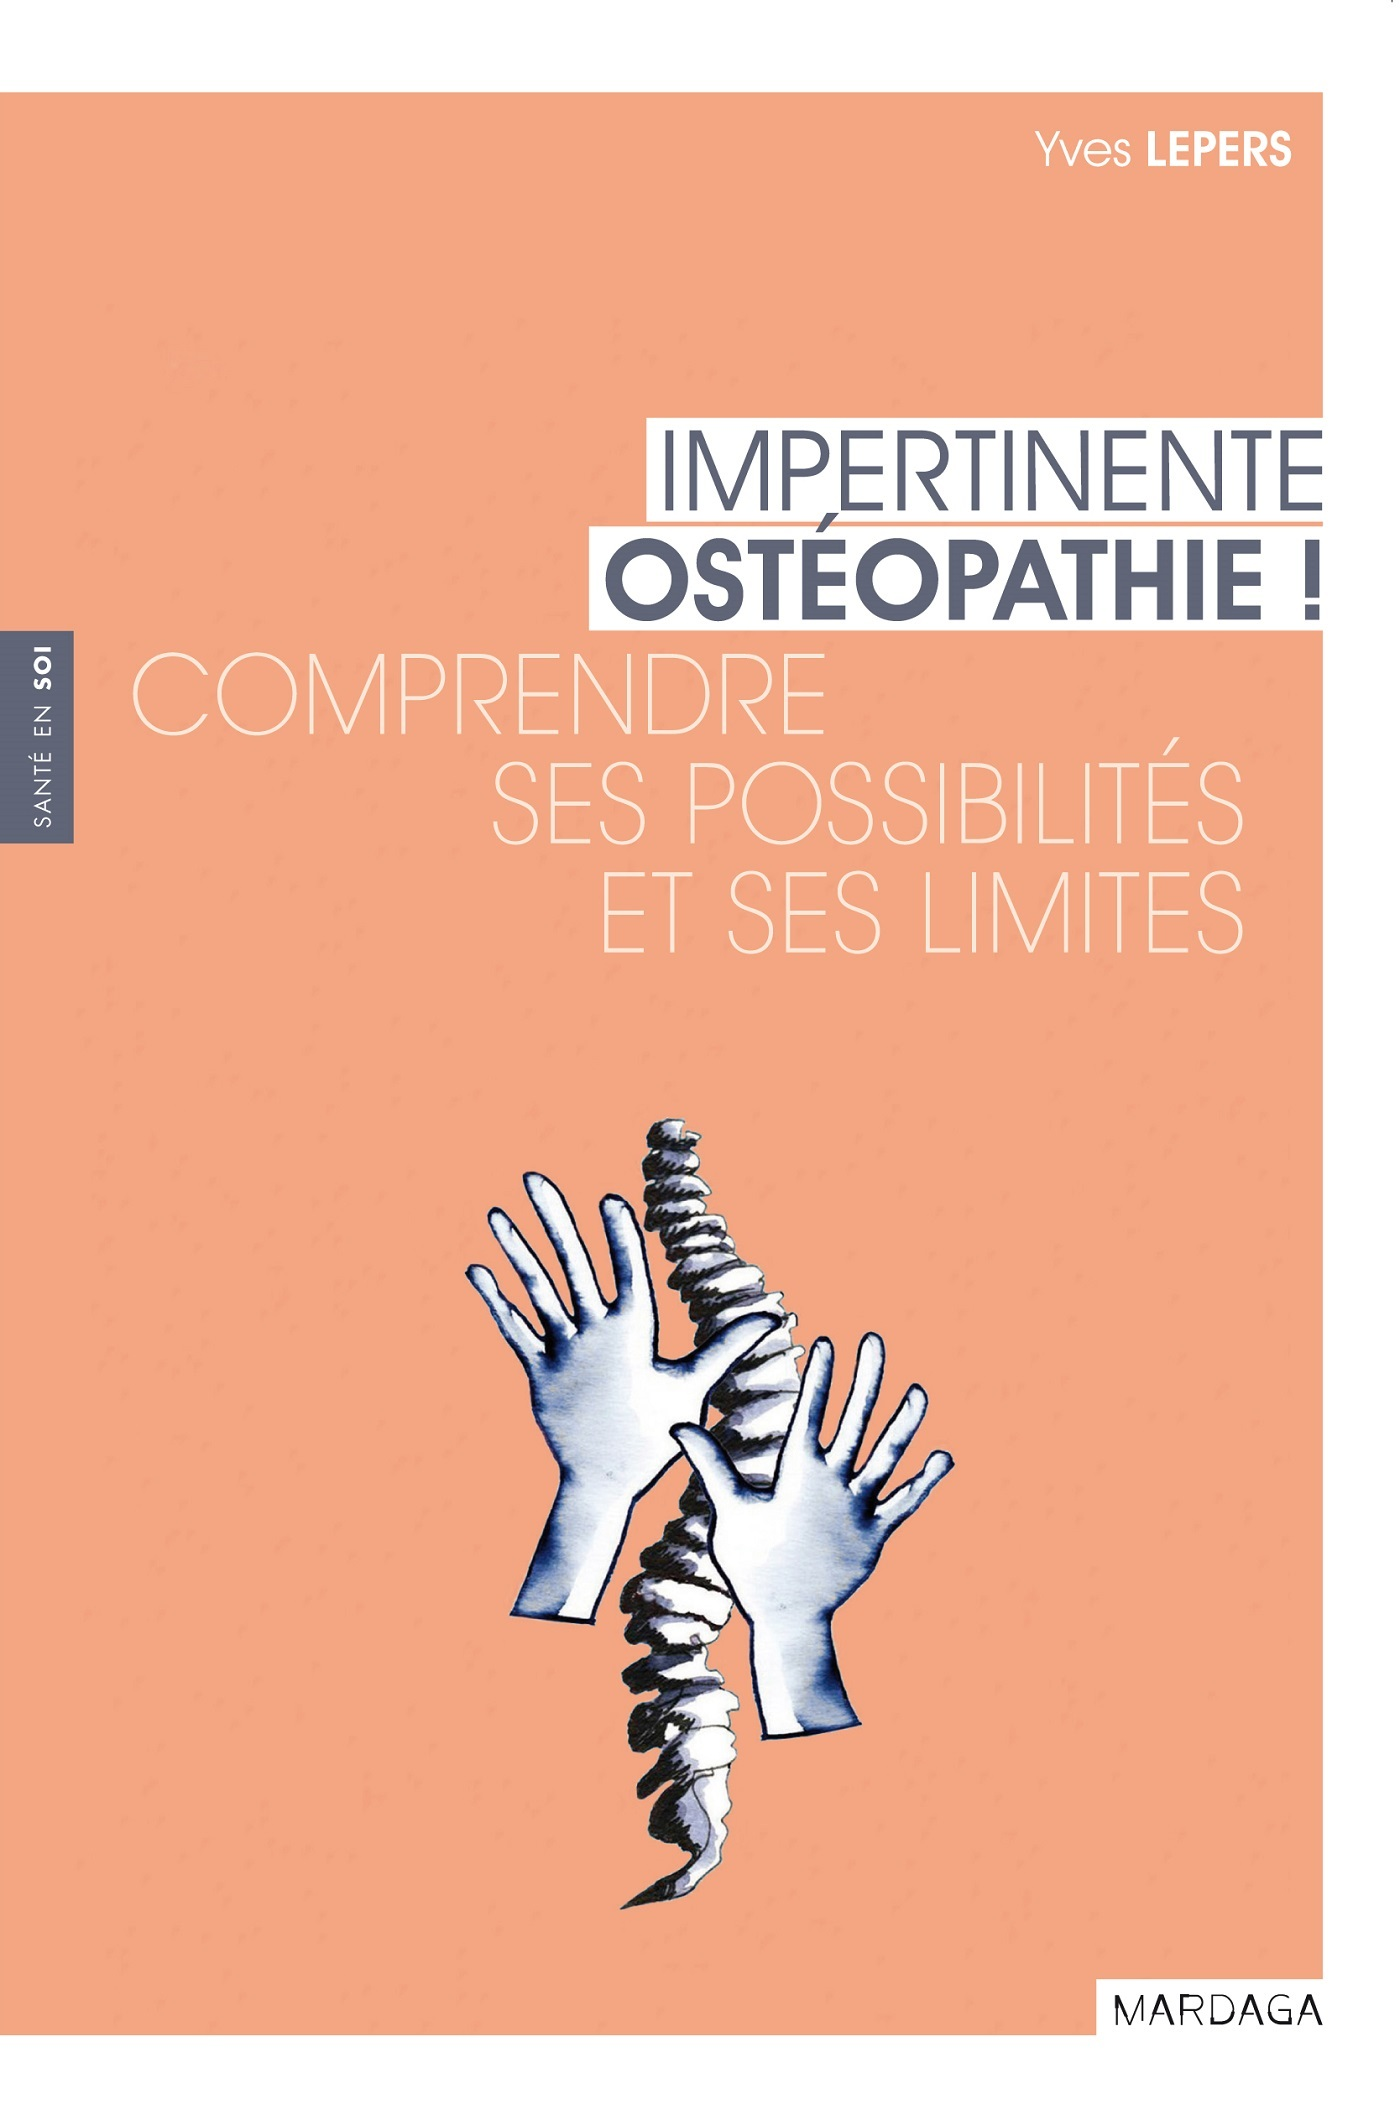 IMPERTINENTE OSTEOPATHIE !